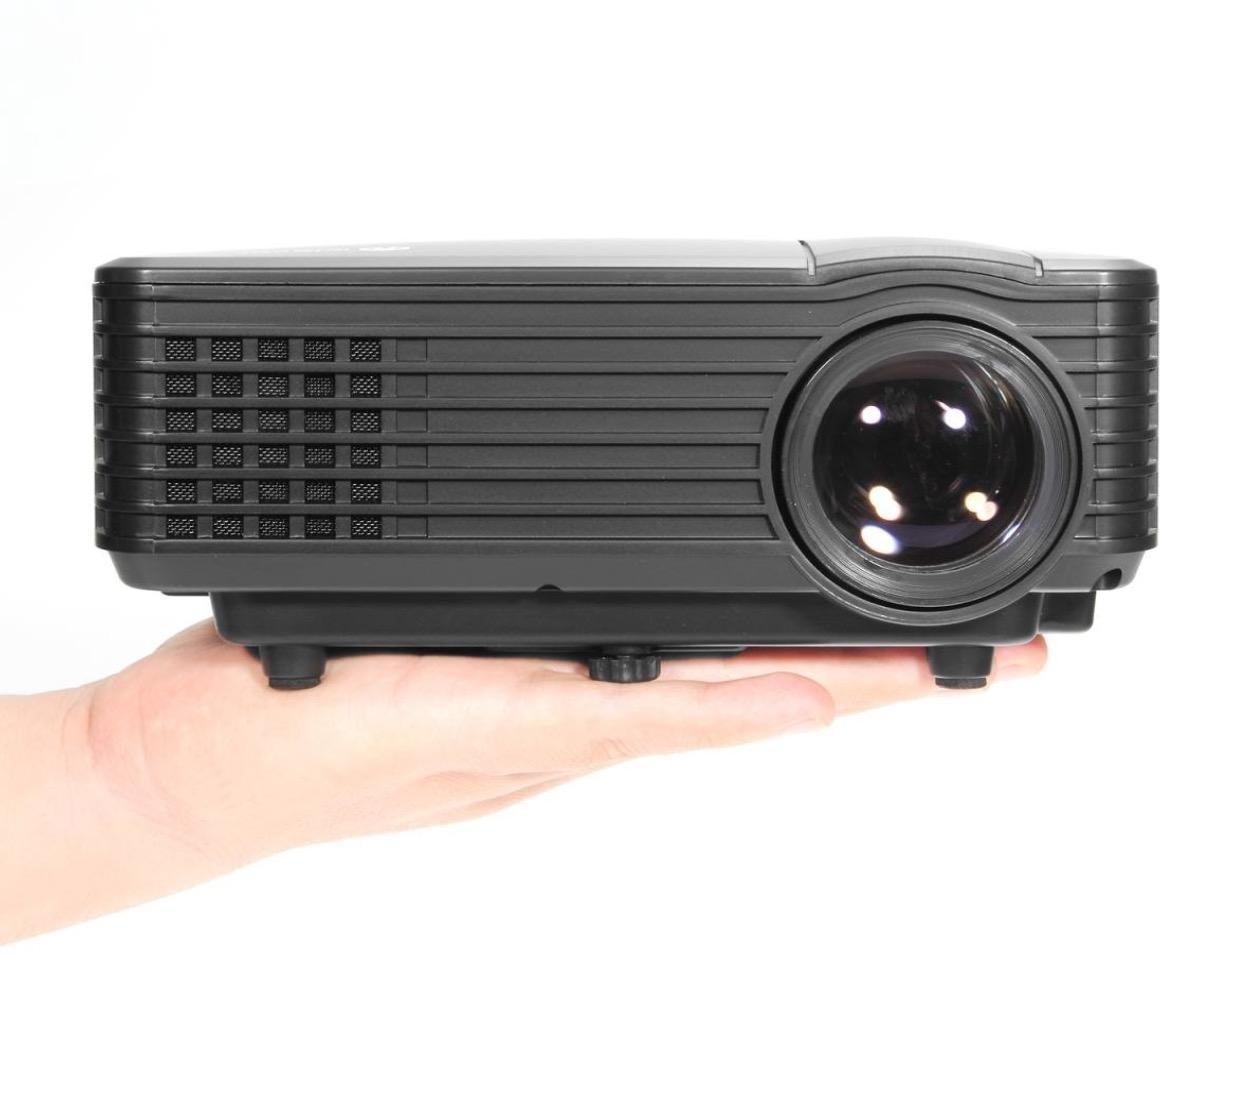 Mini proiettore led per il cinema hd in casa 83 99 euro for Proiettore led